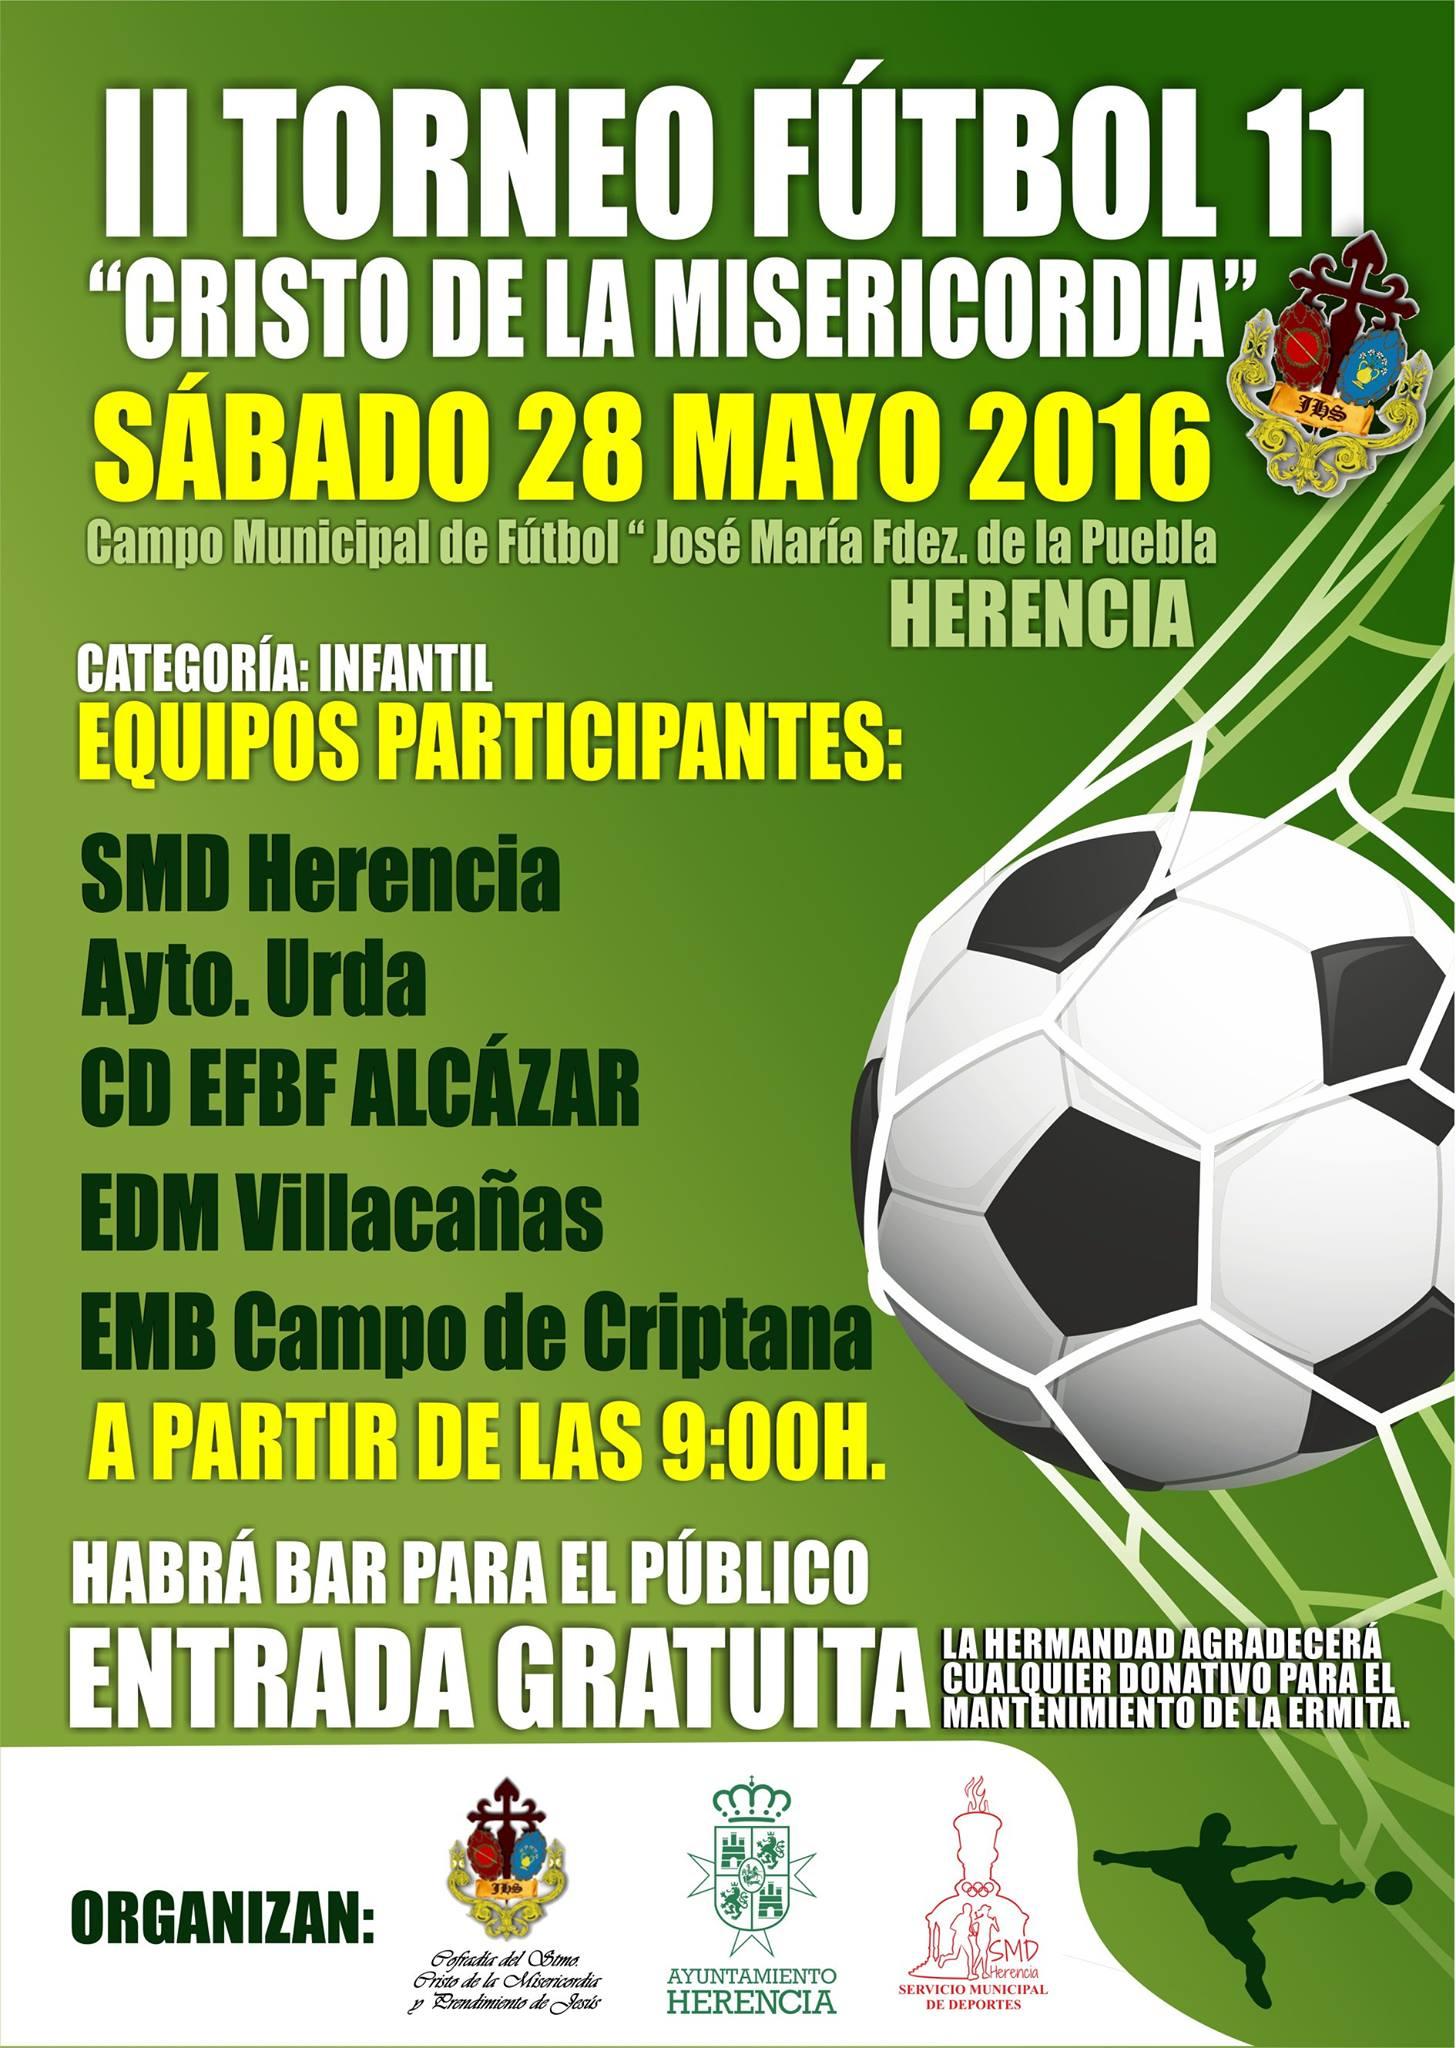 """torneo futbol 11 cristo de la misericodia herencia - II Torneo de Fútbol 11 """"Cristo de la Misericordia"""""""